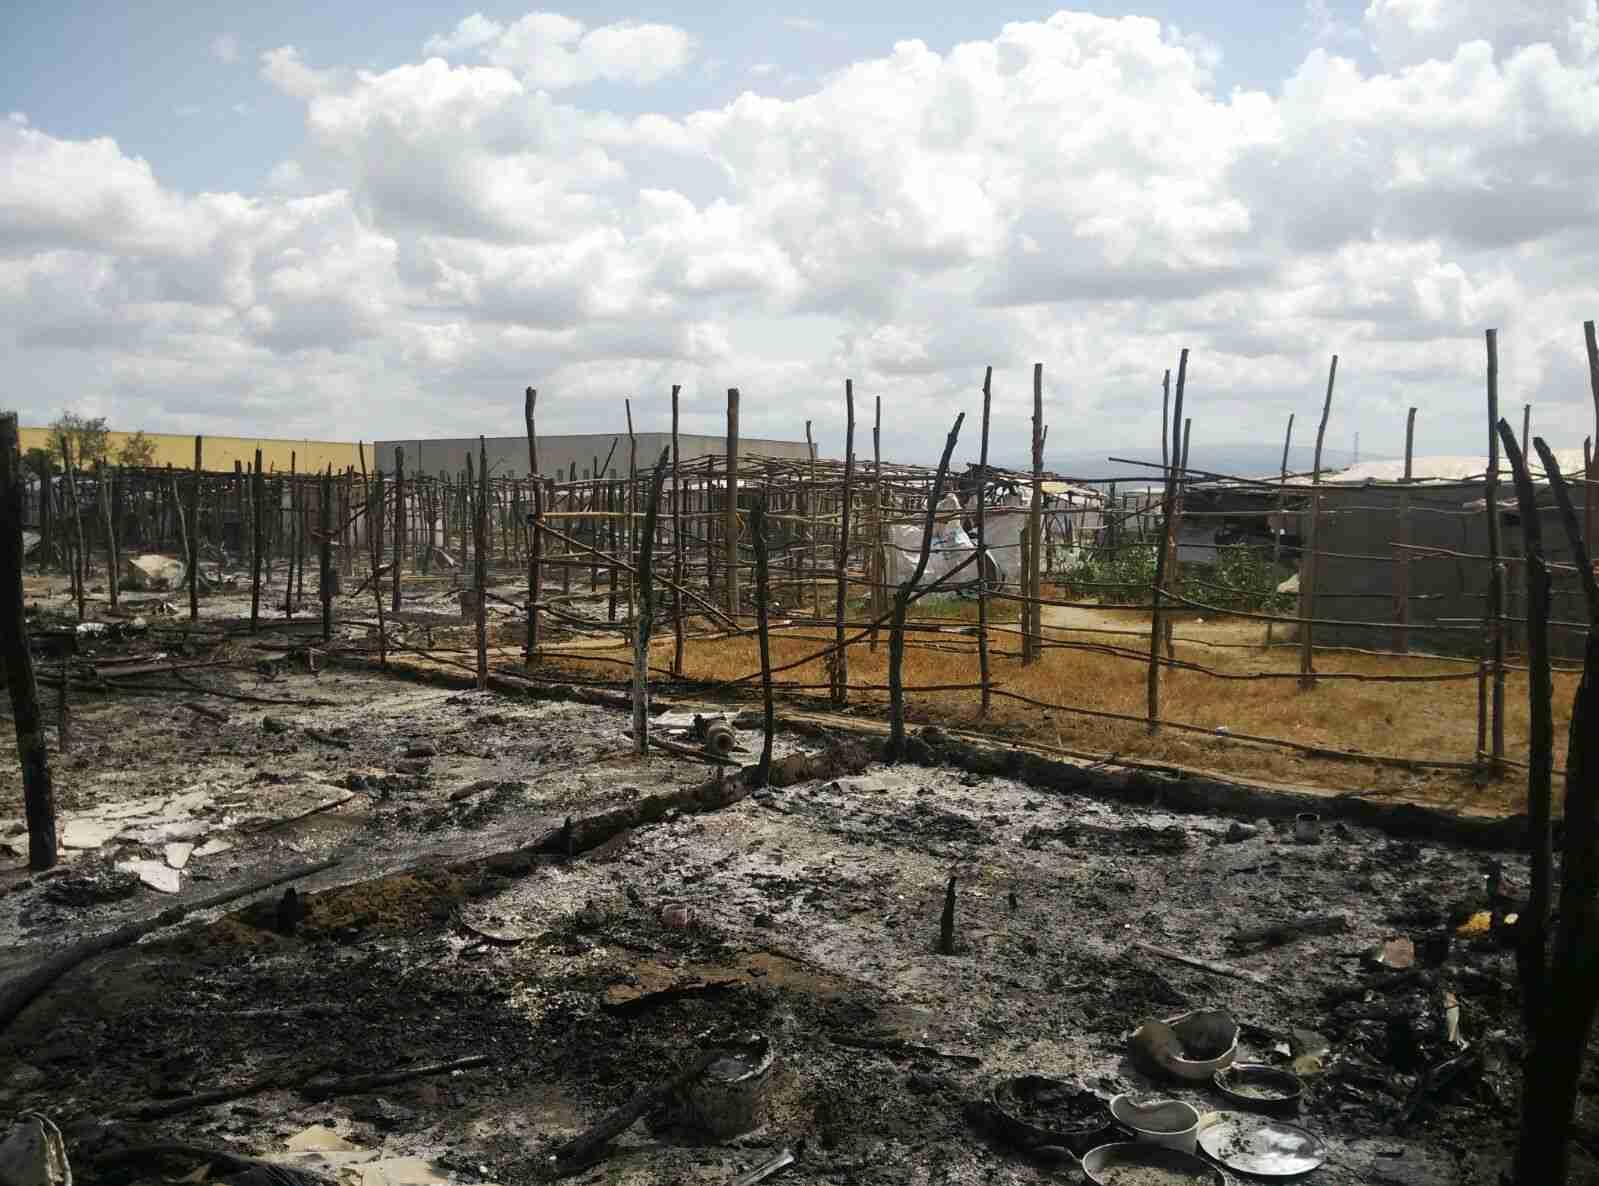 SAN FERDINANDO (Rc). Incendio tendopoli migranti, prefetto: stiamo lavorando a soluzione rapida